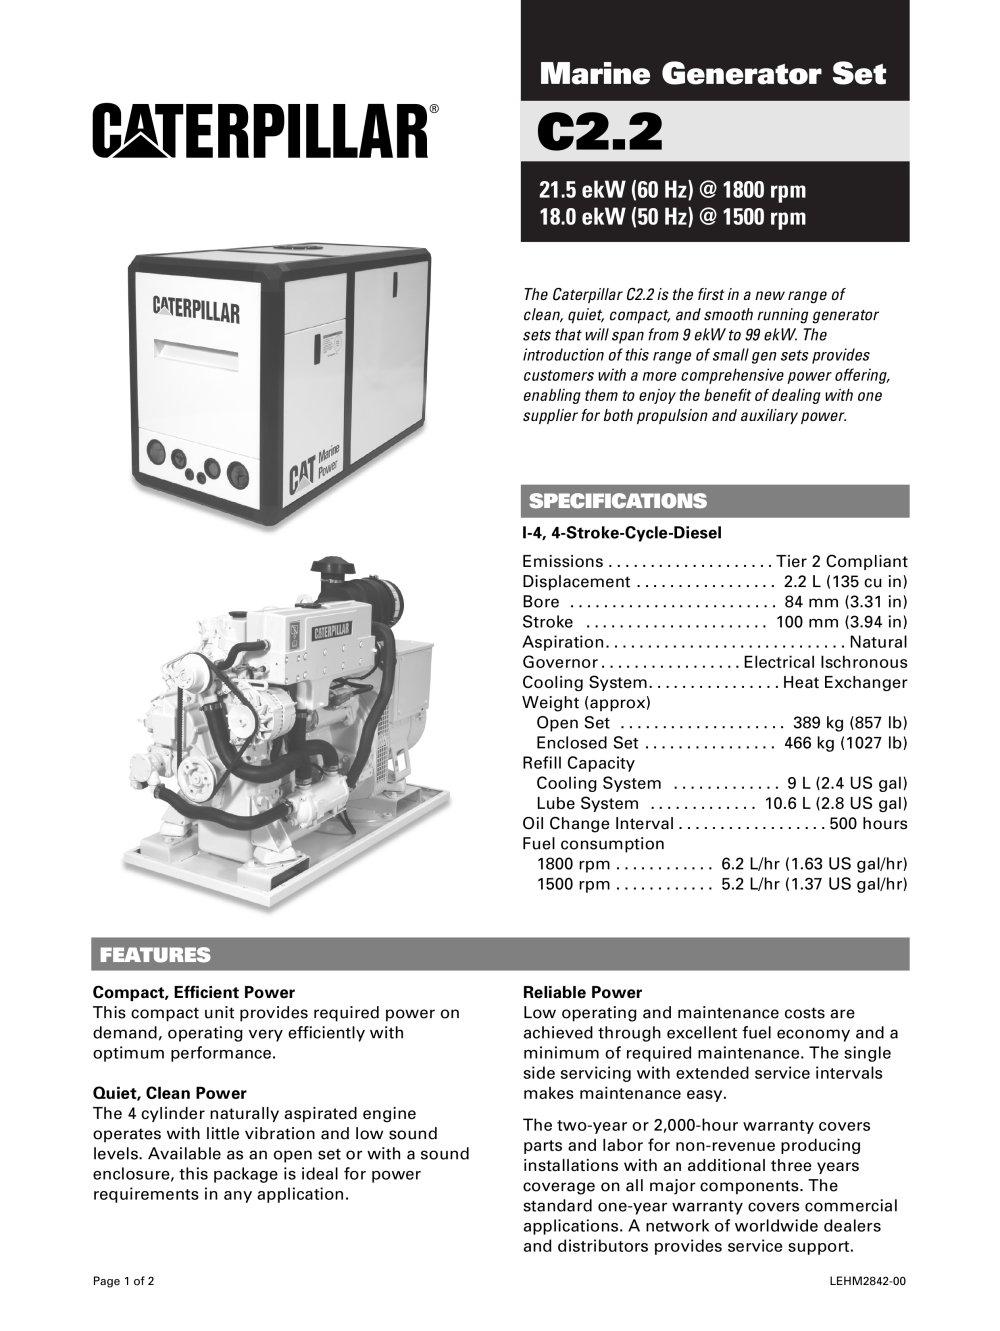 Cat C2-2 Genset Spec Sheet - 1 / 2 Pages